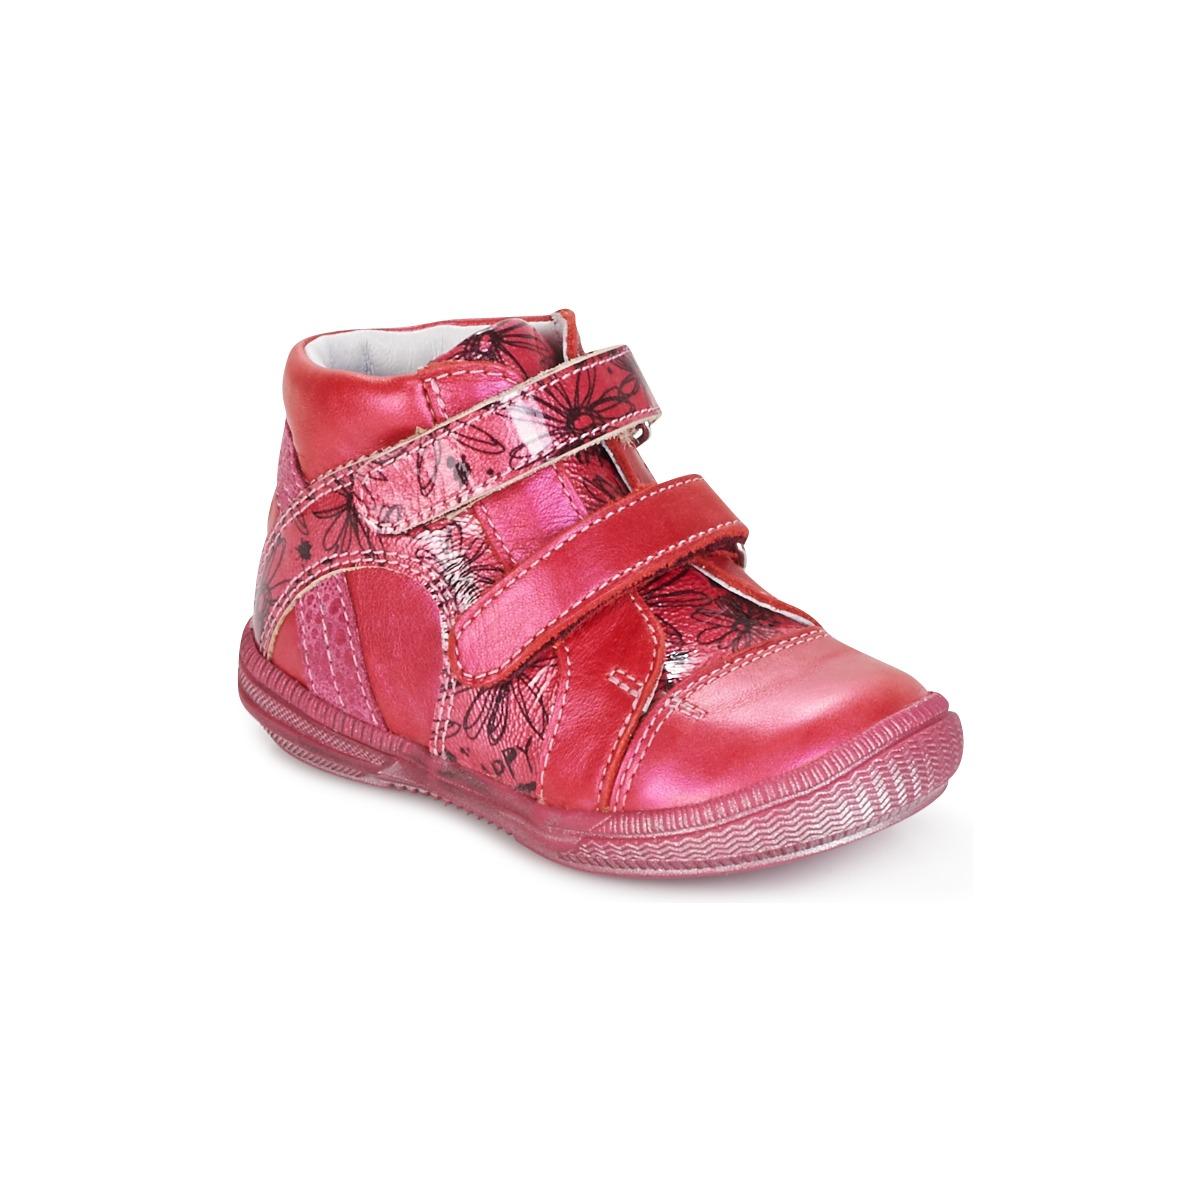 GBB ROXANE Himbeer - Kostenloser Versand bei Spartoode ! - Schuhe Boots  68,00 €